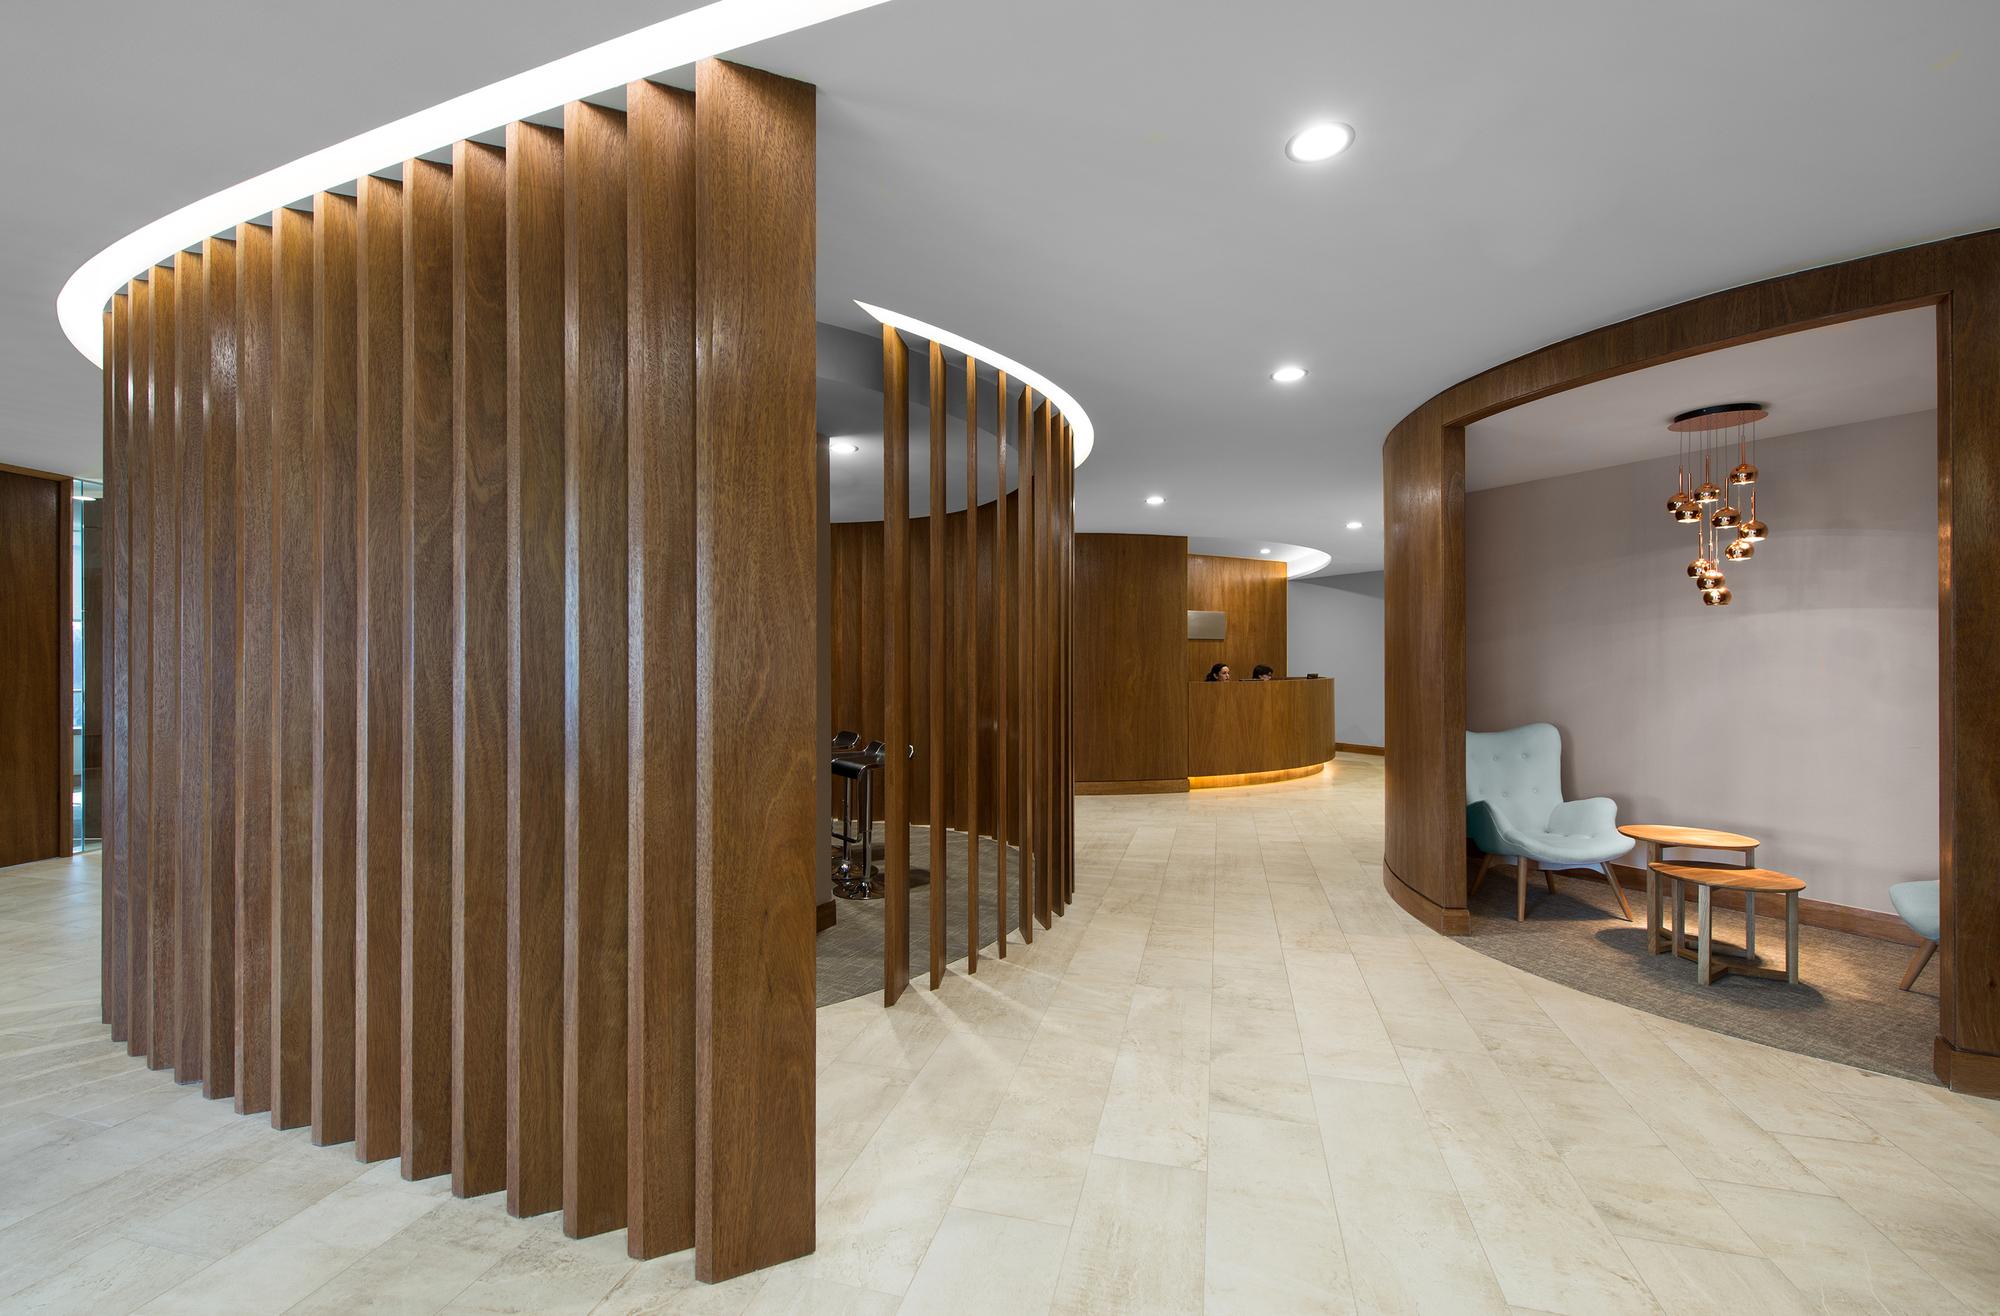 Galería de Interiorismo Oficinas Piso 17 Parque Titanium / Marsino ...